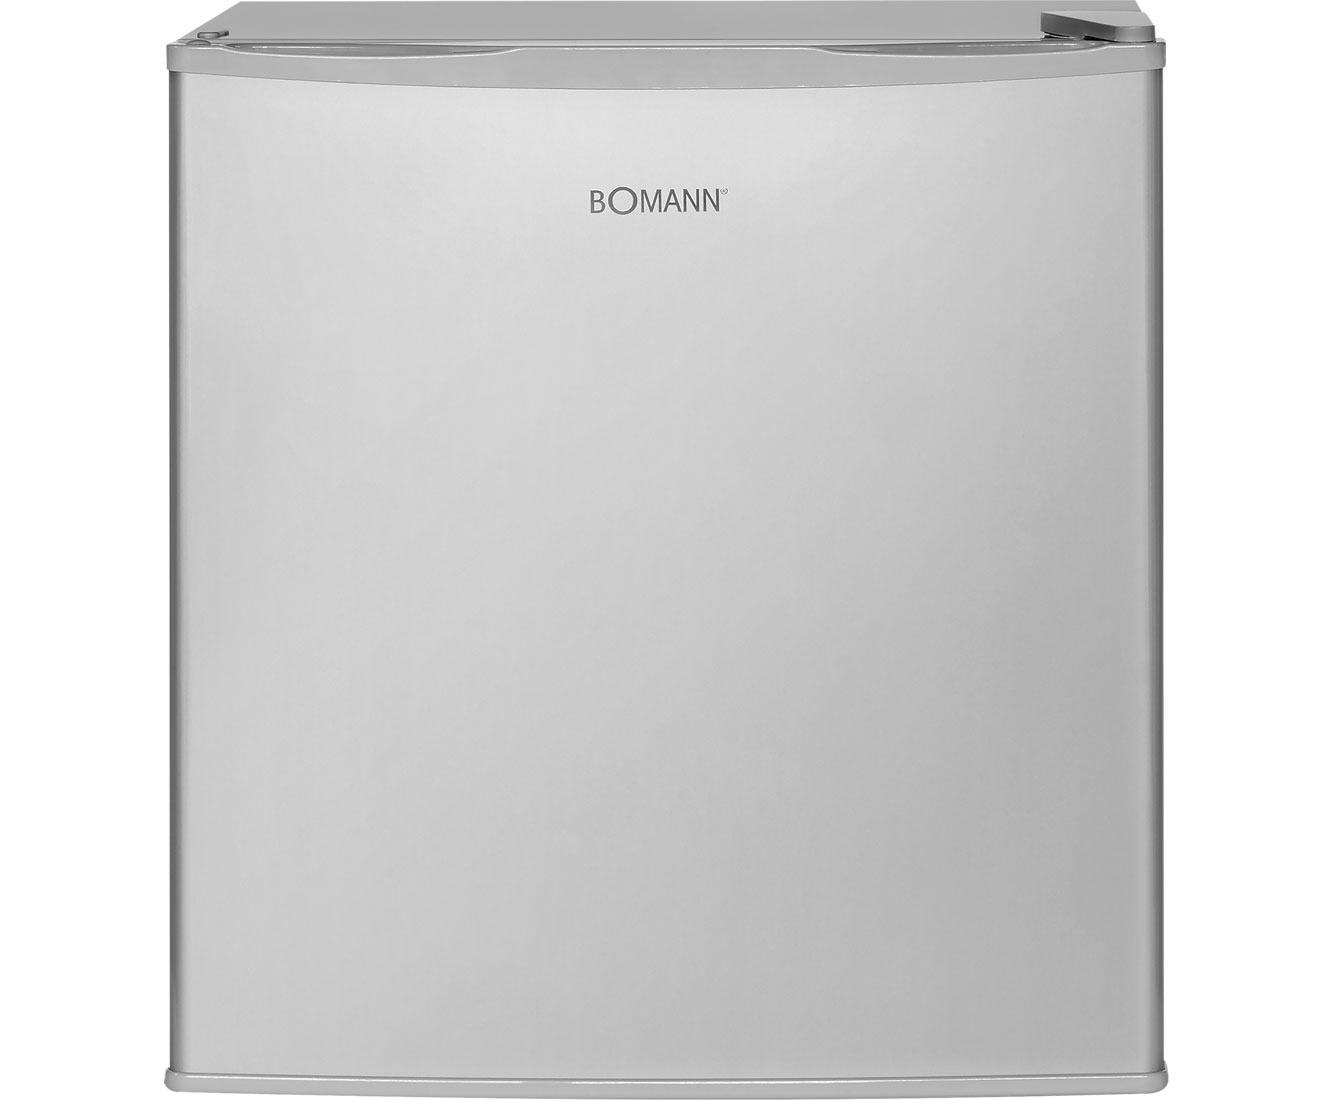 Bomann Kühlschrank Produktion : Bomann kb kühlschrank edelstahl optik a